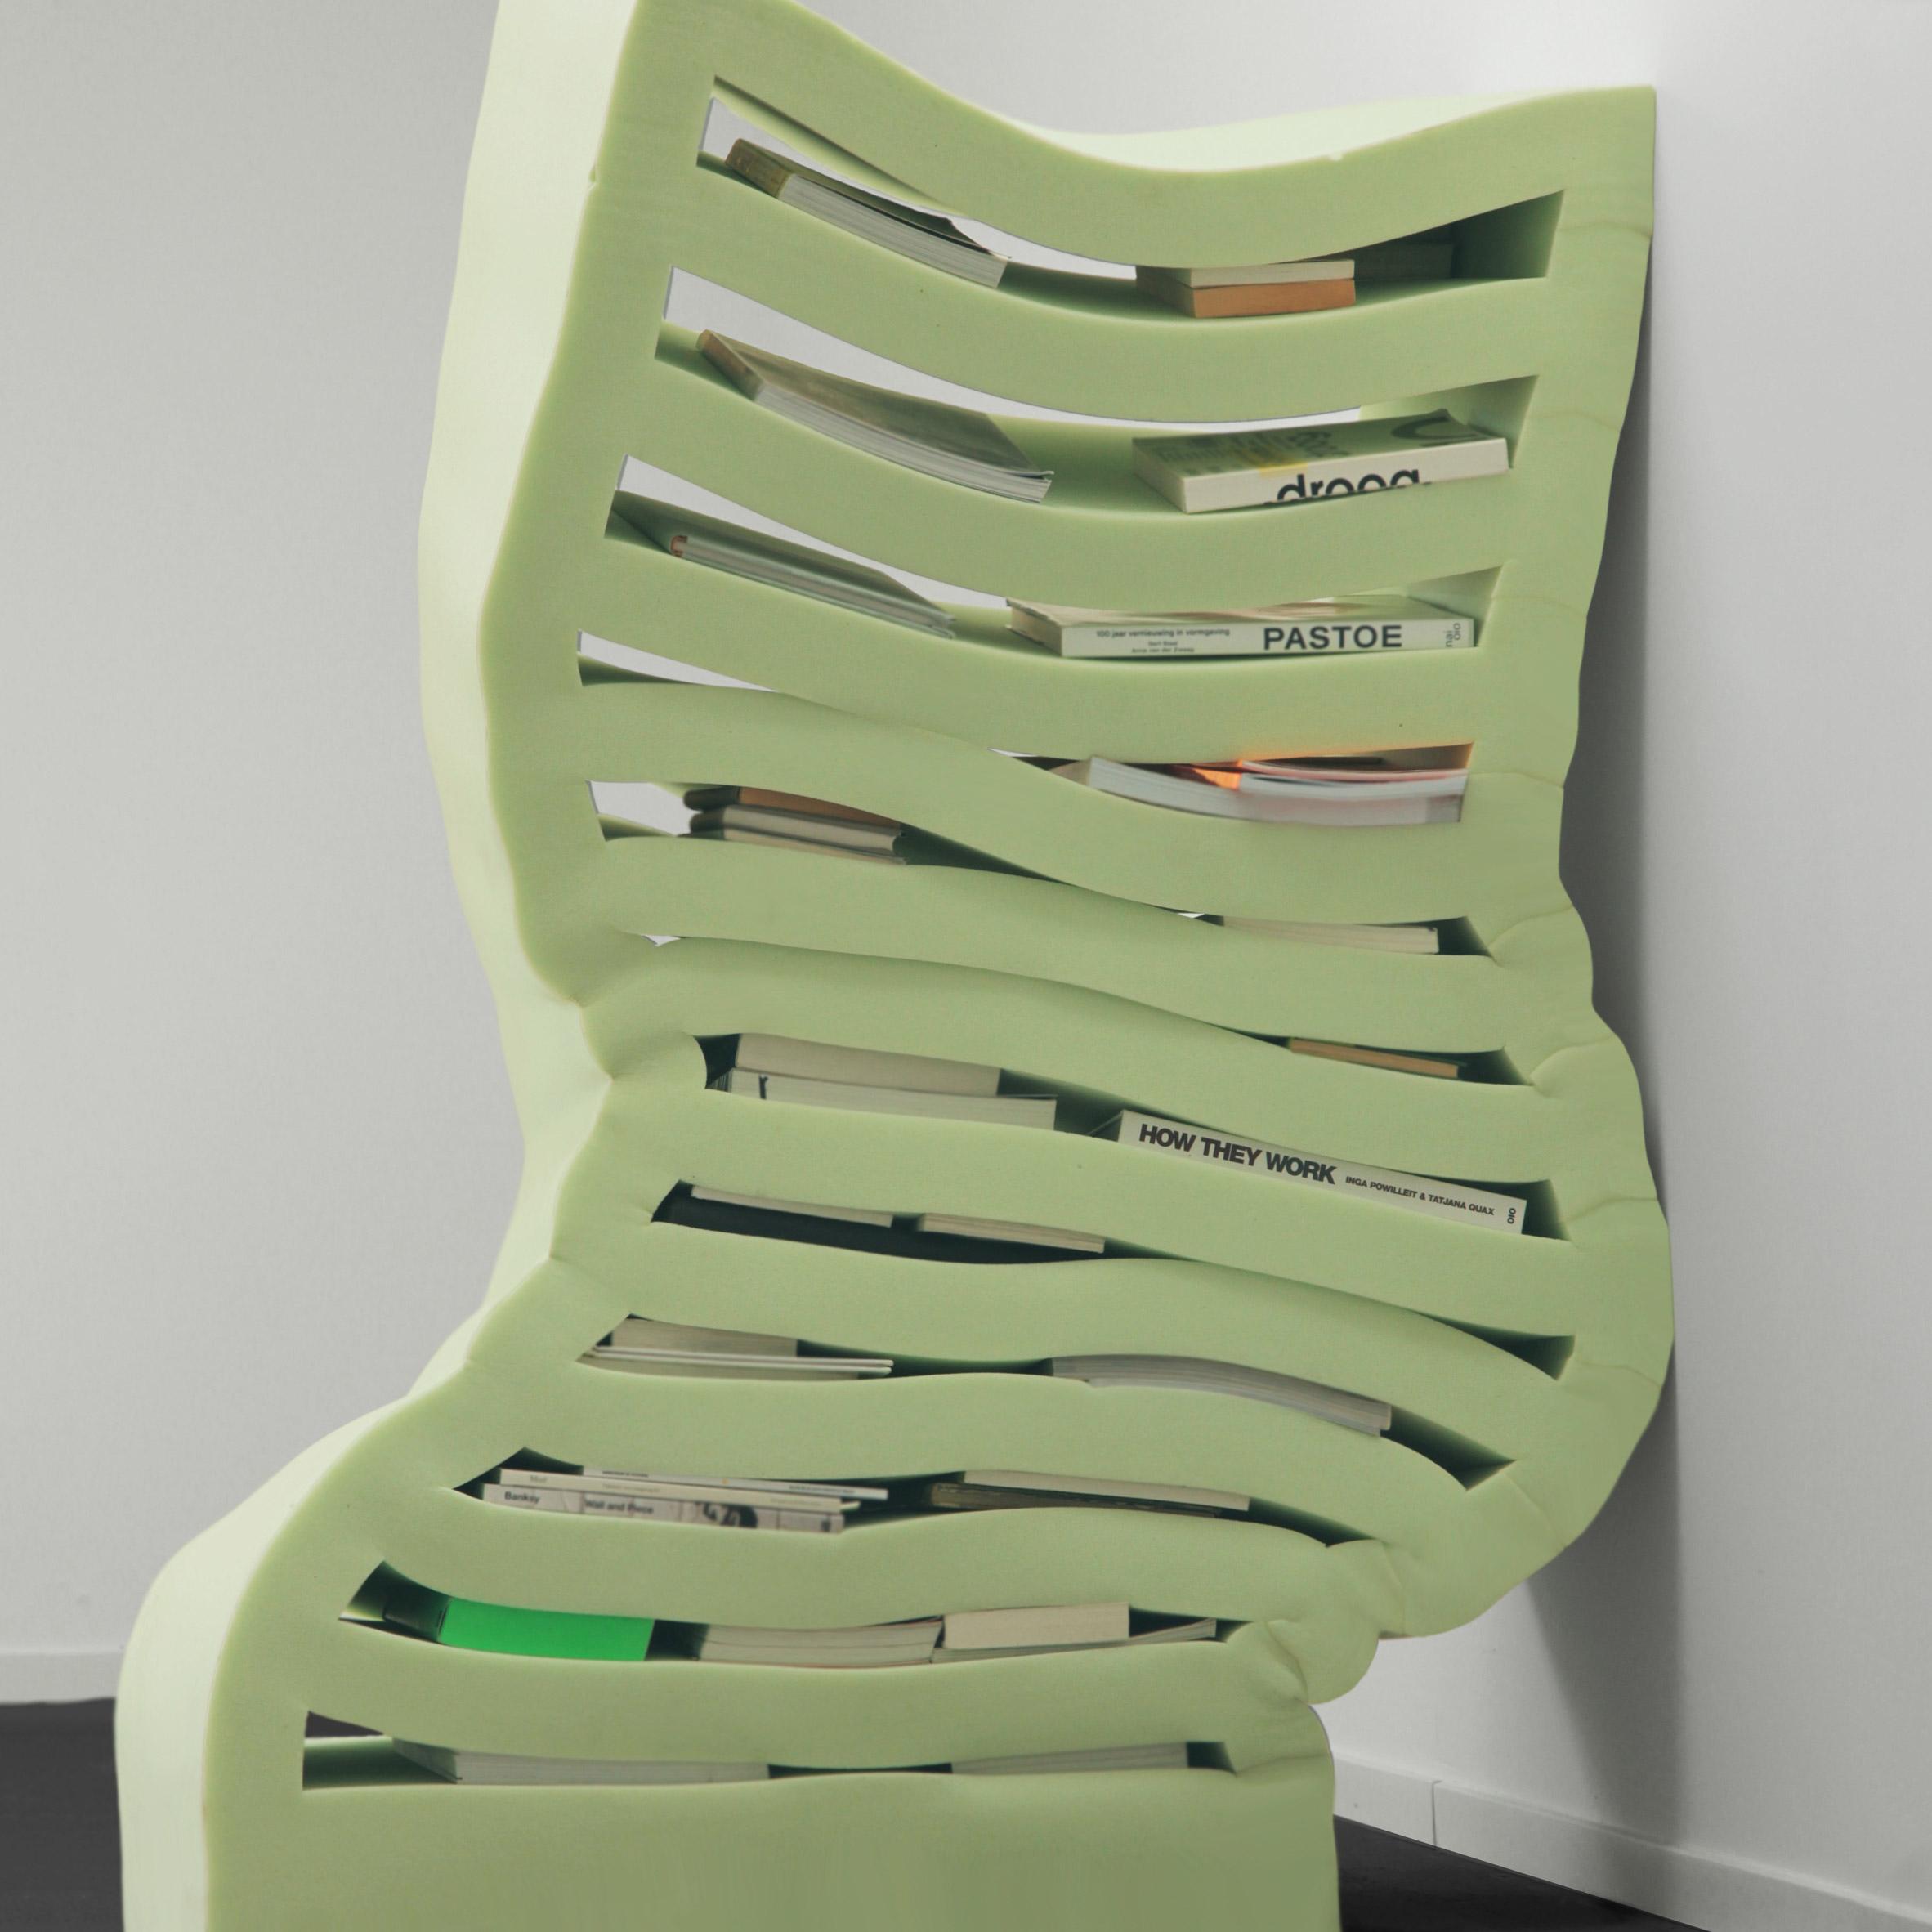 soft-cabinets-dewi-van-de-klomp-design_dezeen_2364_sq-1